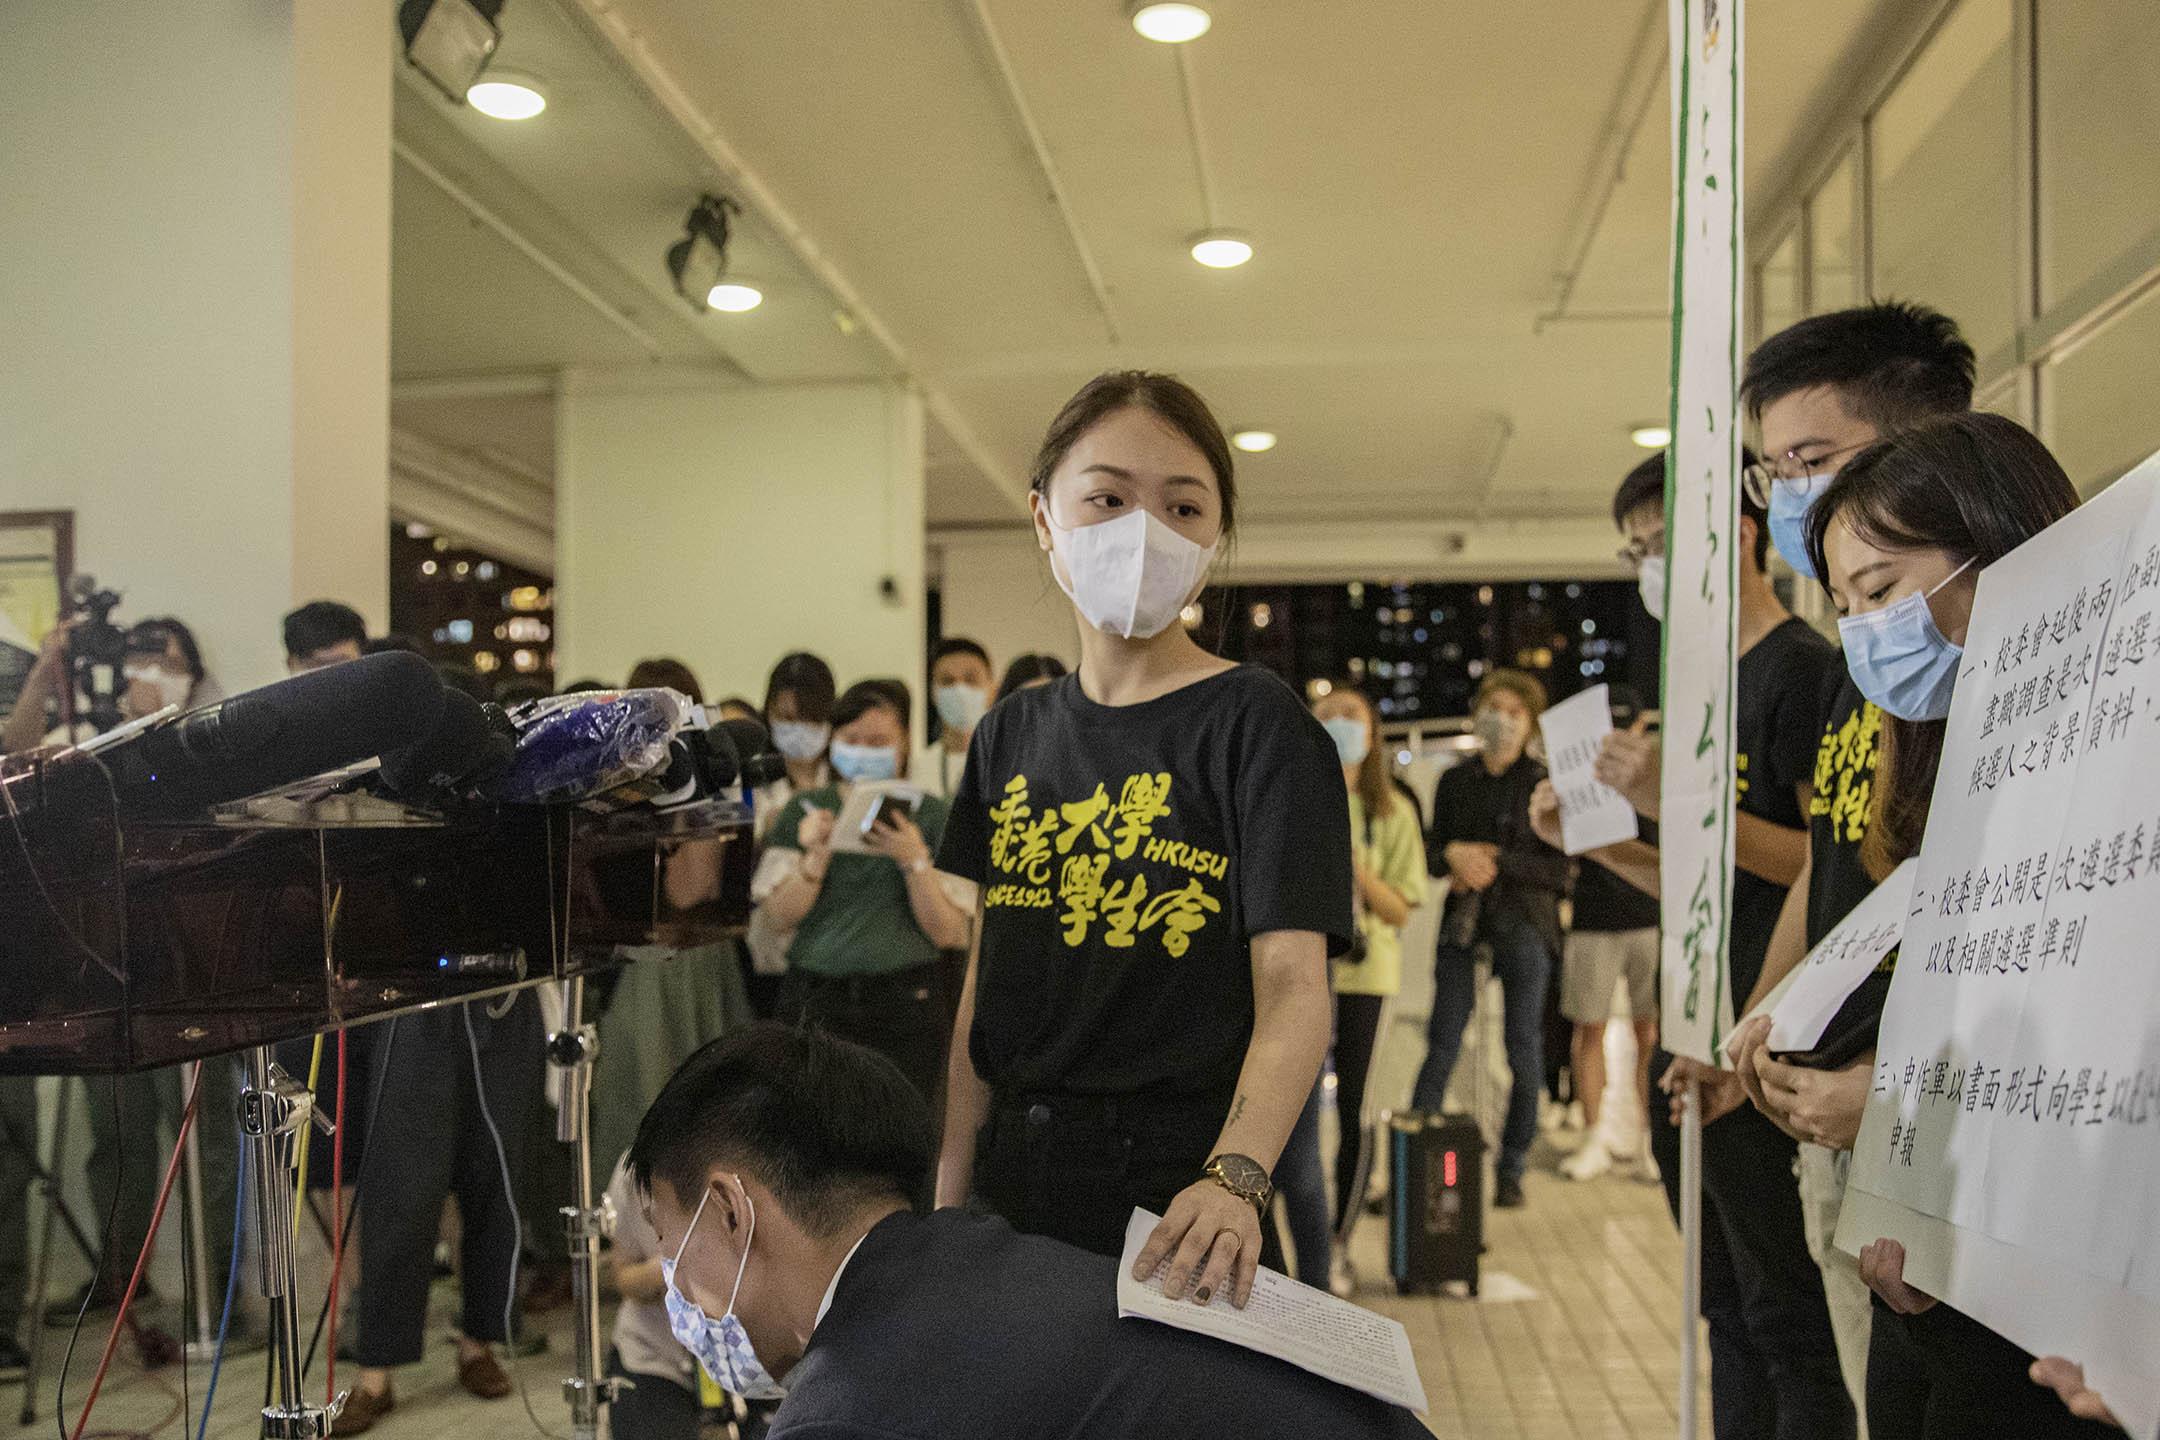 2020年10月27日,香港大學學生會抗議校委會任命新副校長,葉芷琳接受媒體訪問。